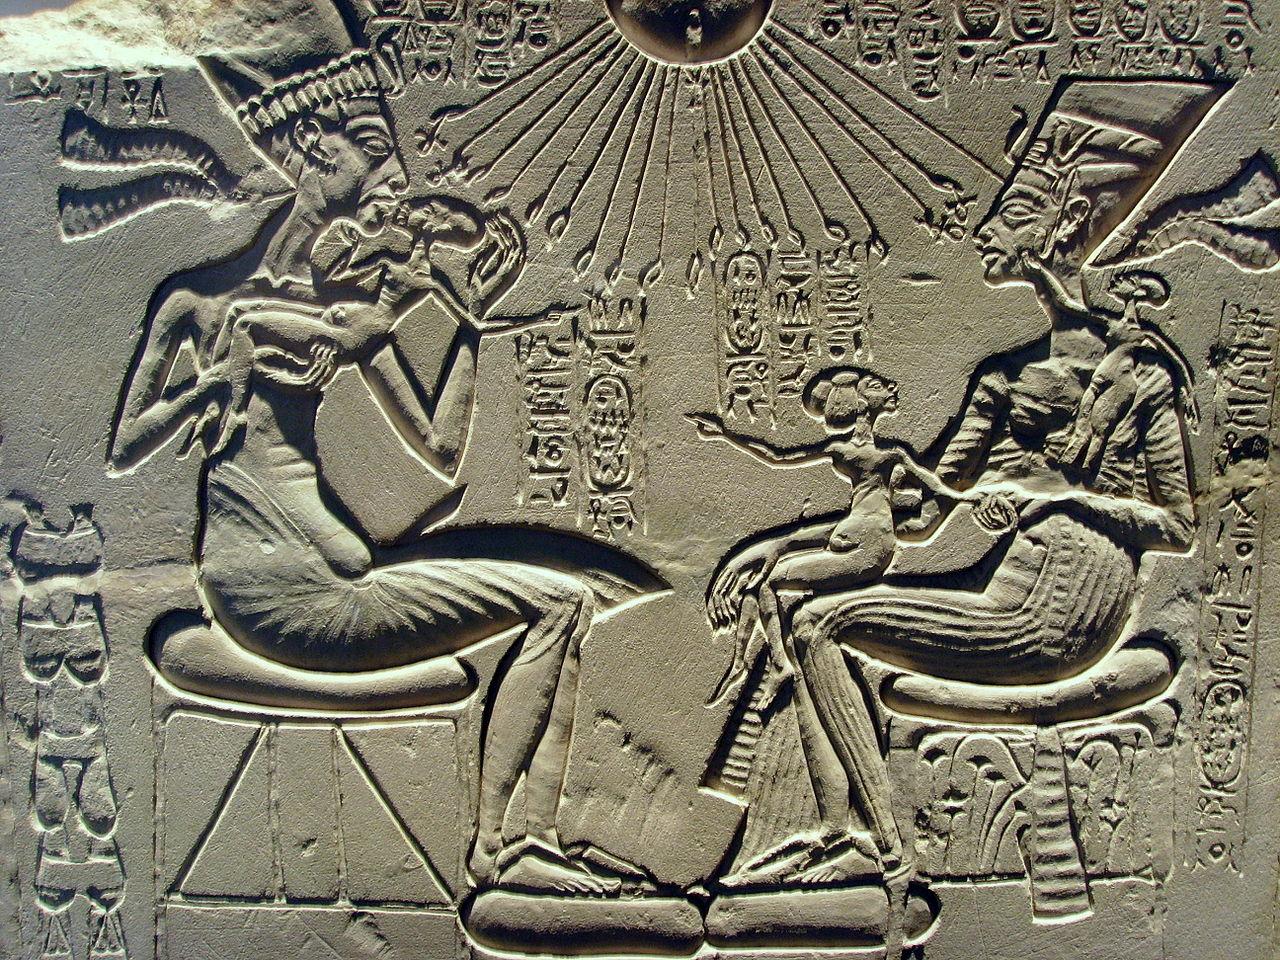 El retrato familiar de Akenatón acerca la familia real a la tierra a la vez que los relaciona con el dios Atón